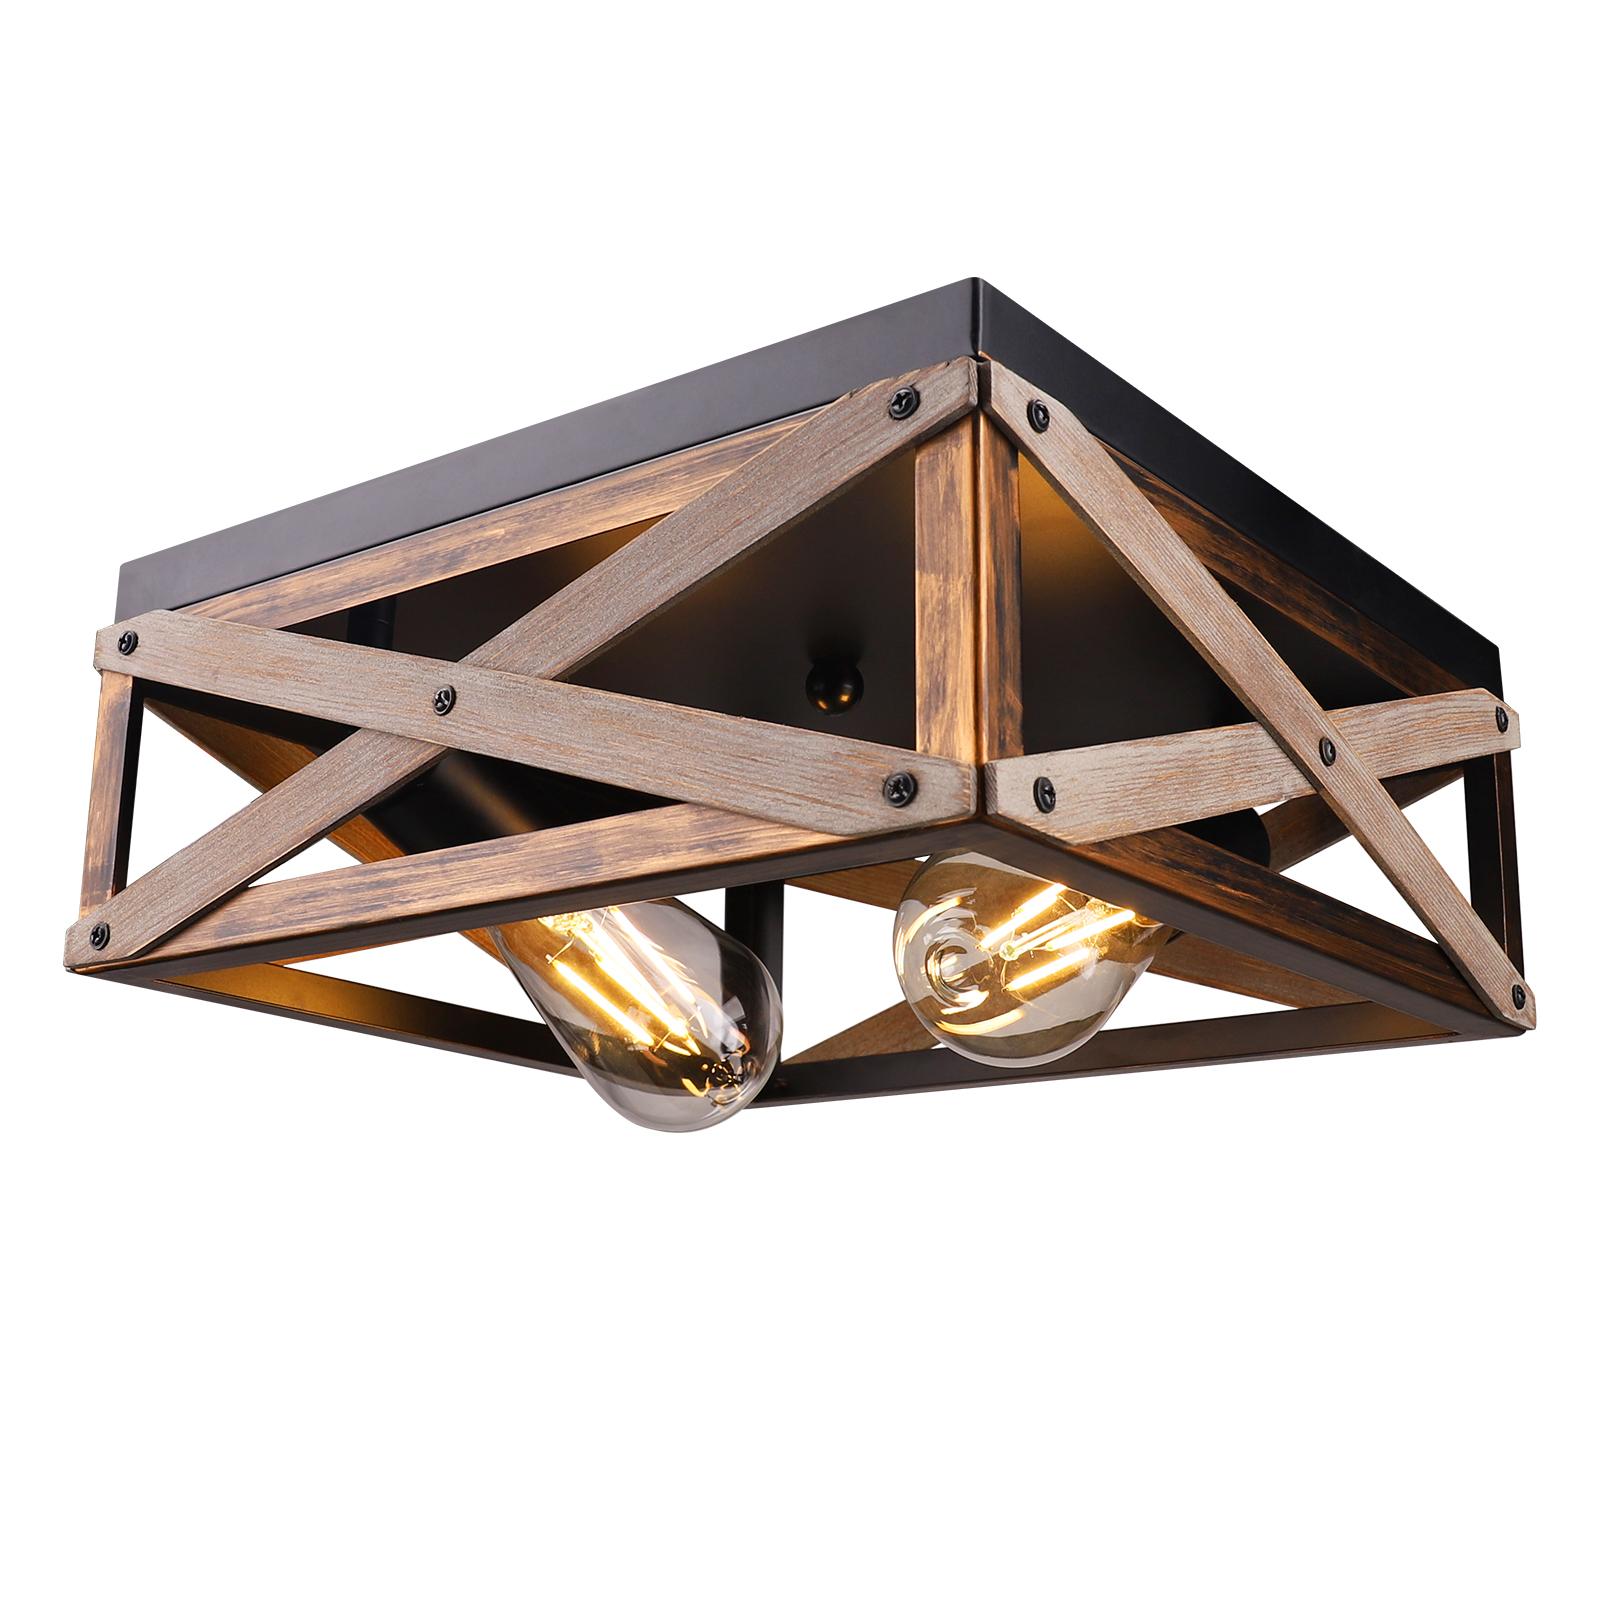 Rustikale Unterputz-Deckenleuchte, Deckenleuchten für Bauernhäuser Zwei-Licht-Deckenleuchten aus Metall und Massivholz für den Kücheneingang im Flur des Bauernhauses